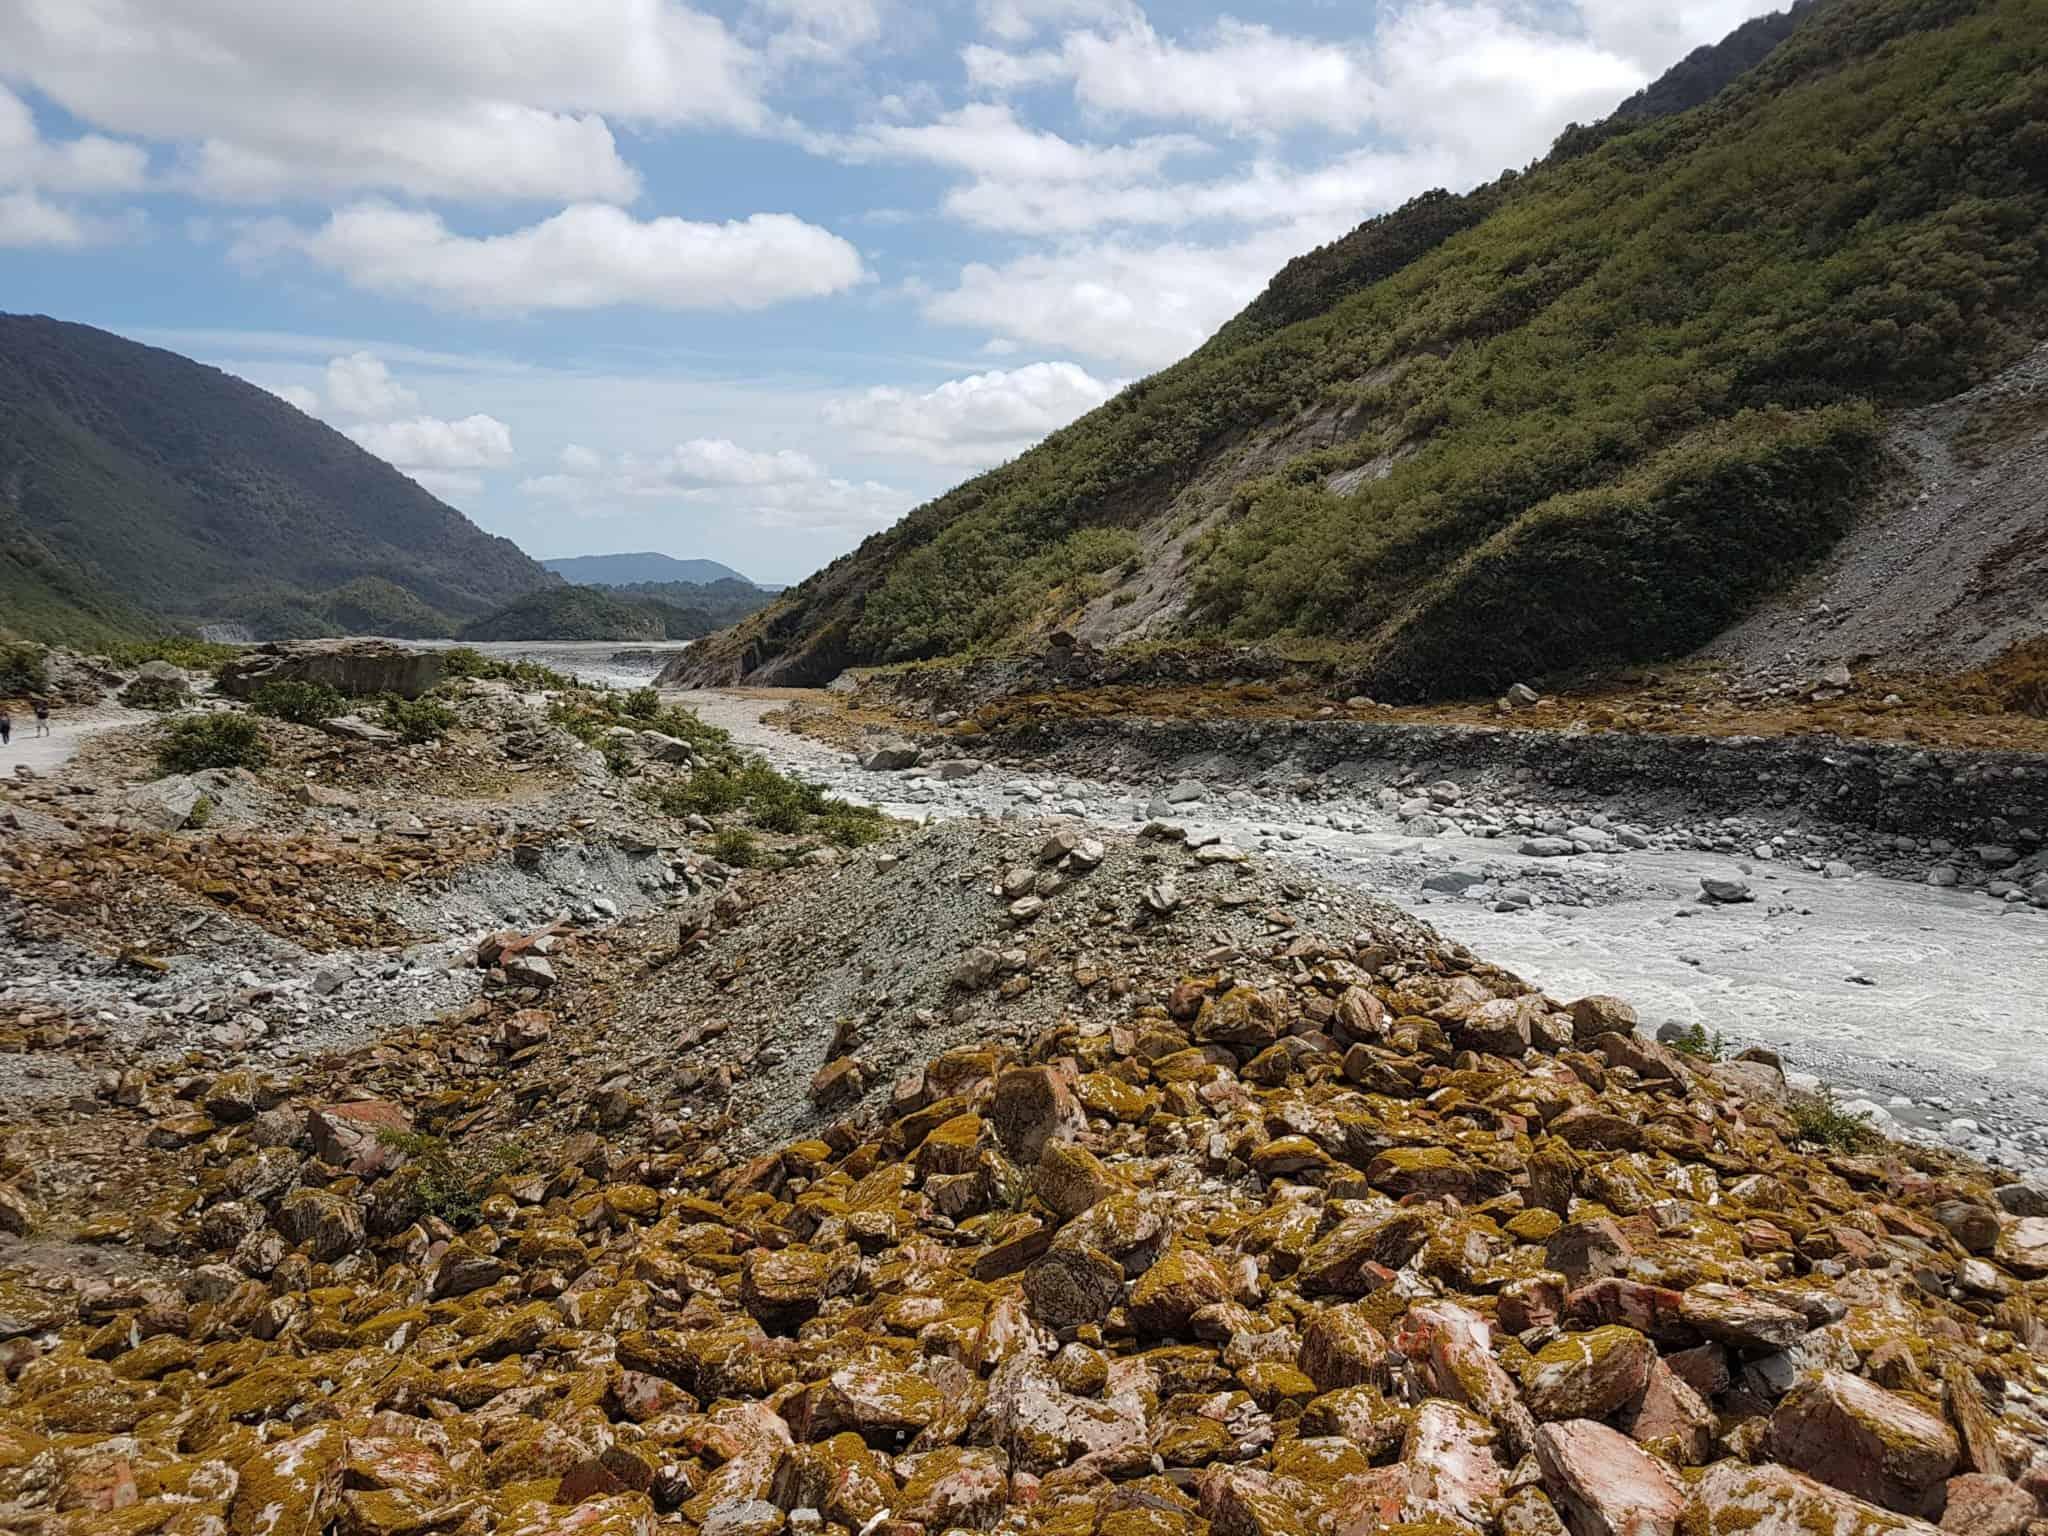 Nouvelle-Zélande, on chausse les baskets pour voir le Glacier Franz Josef 👟 13